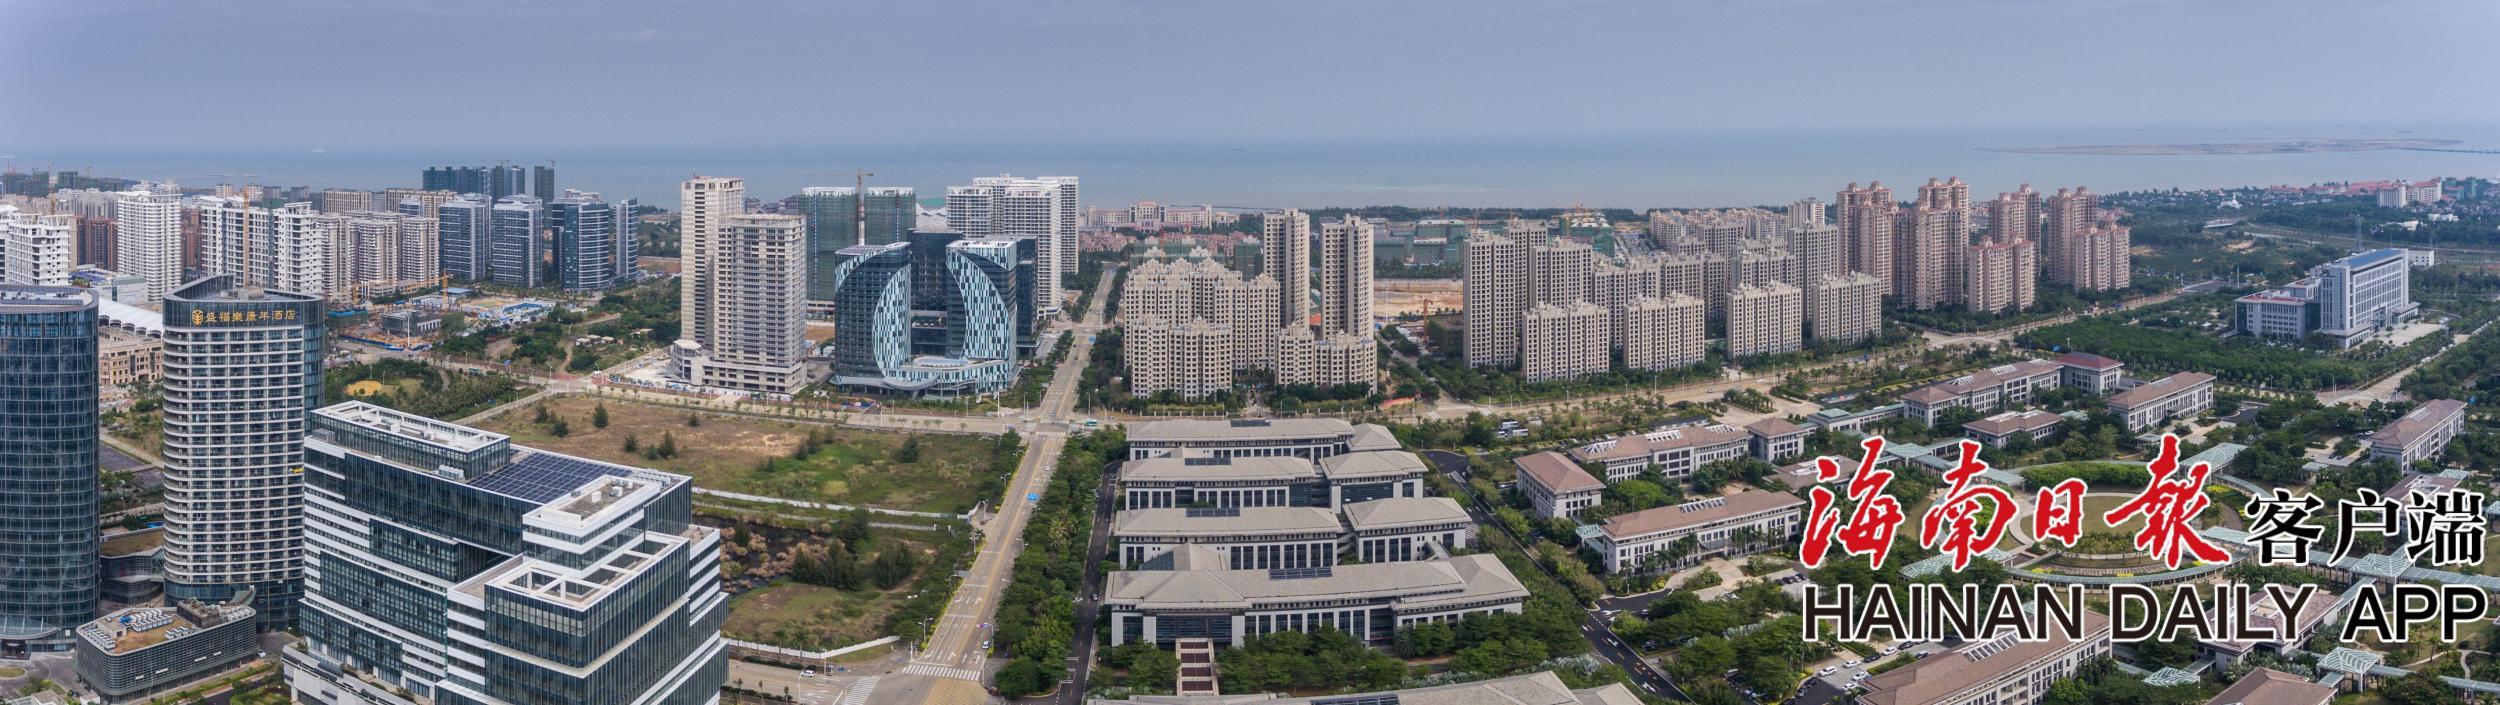 组图 海口西海岸新区起步区高楼鳞次栉比